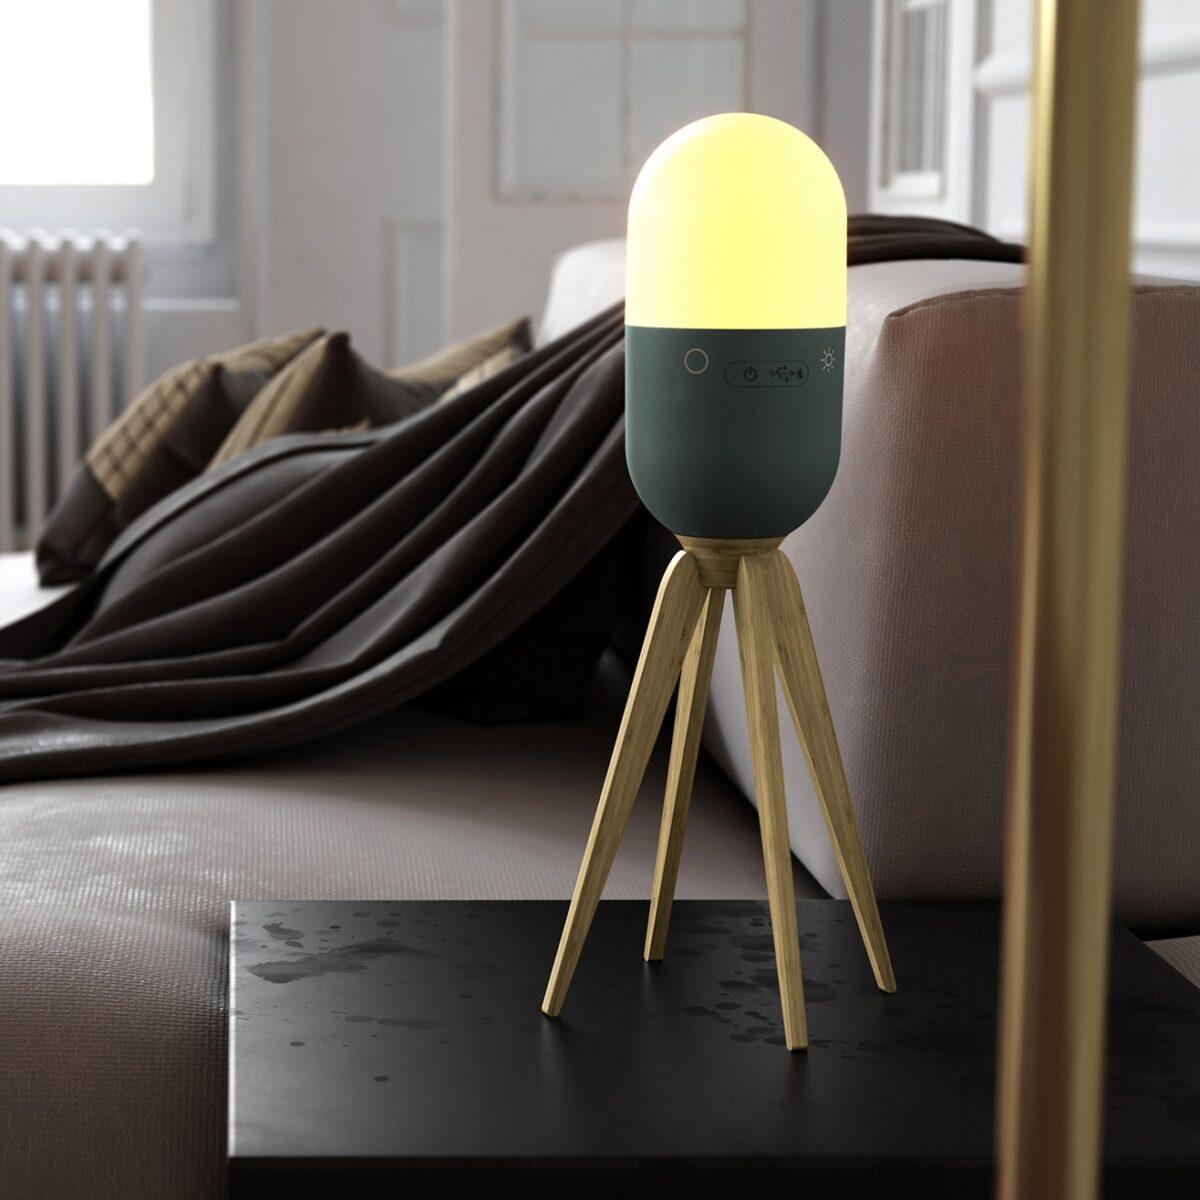 lampada-senza-fili3